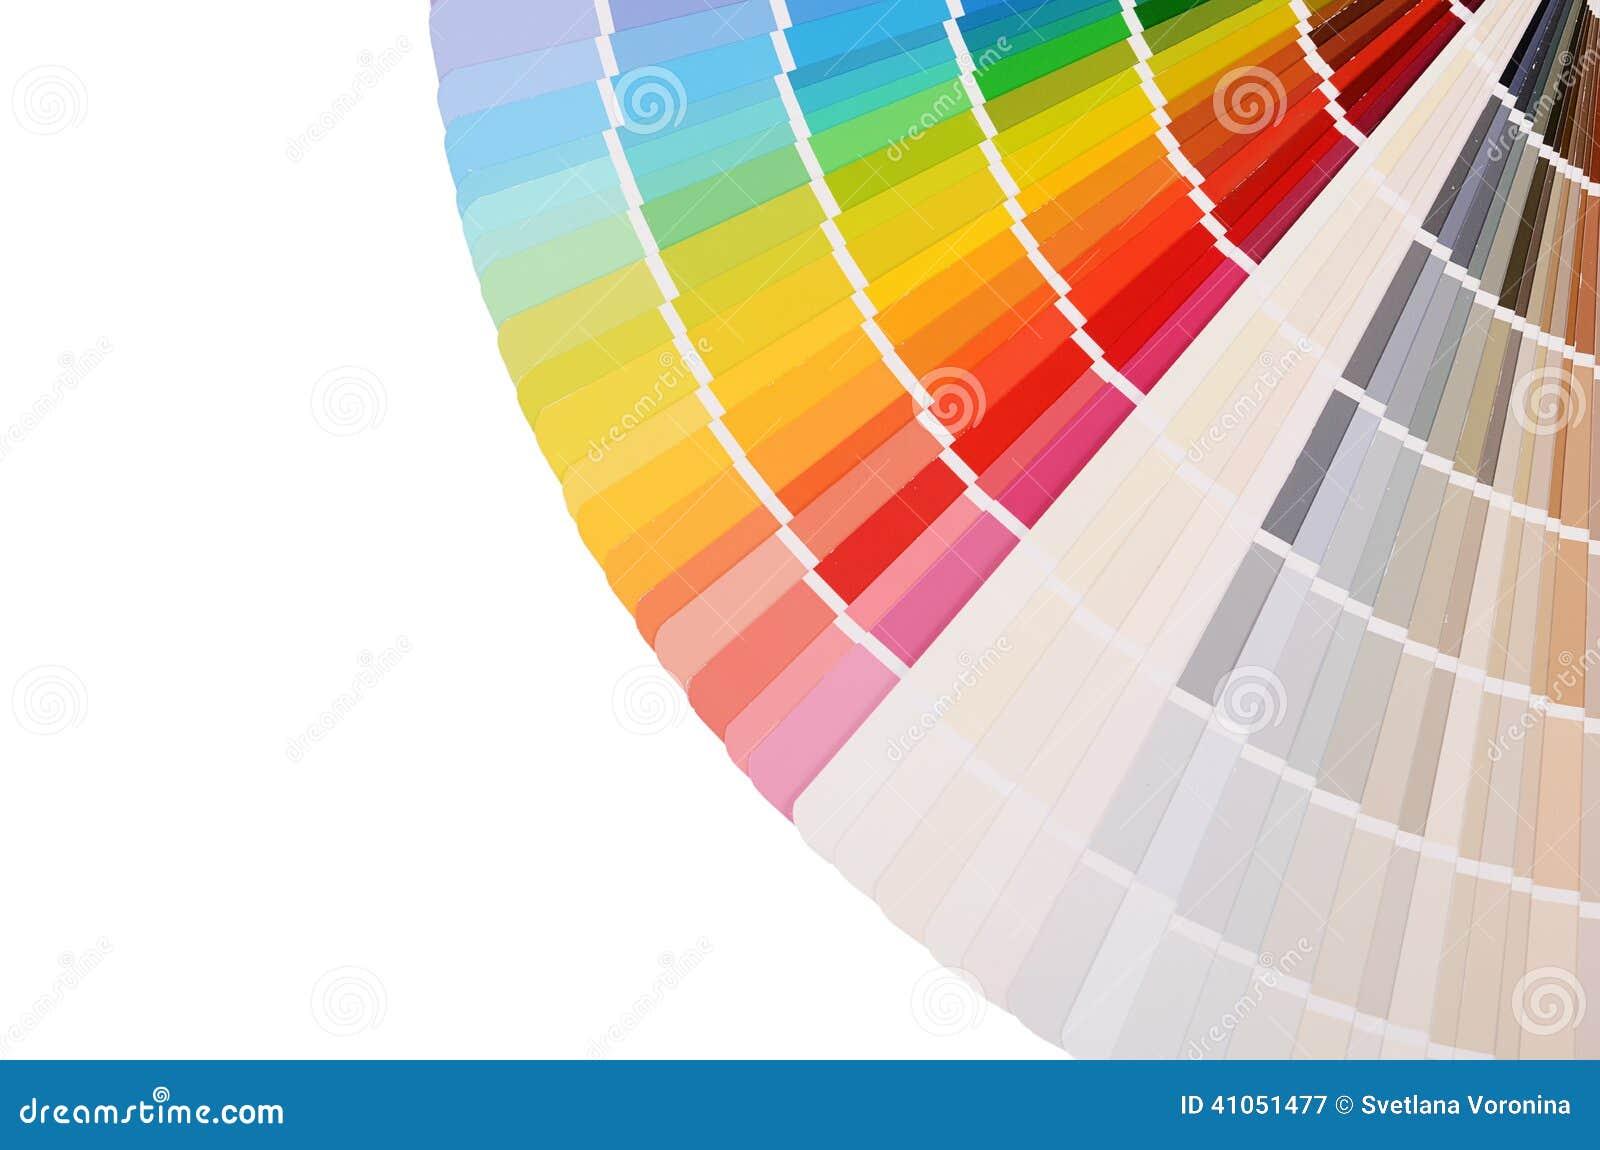 La paleta de colores aislada en blanco foto de archivo - Paleta de colores titanlux ...